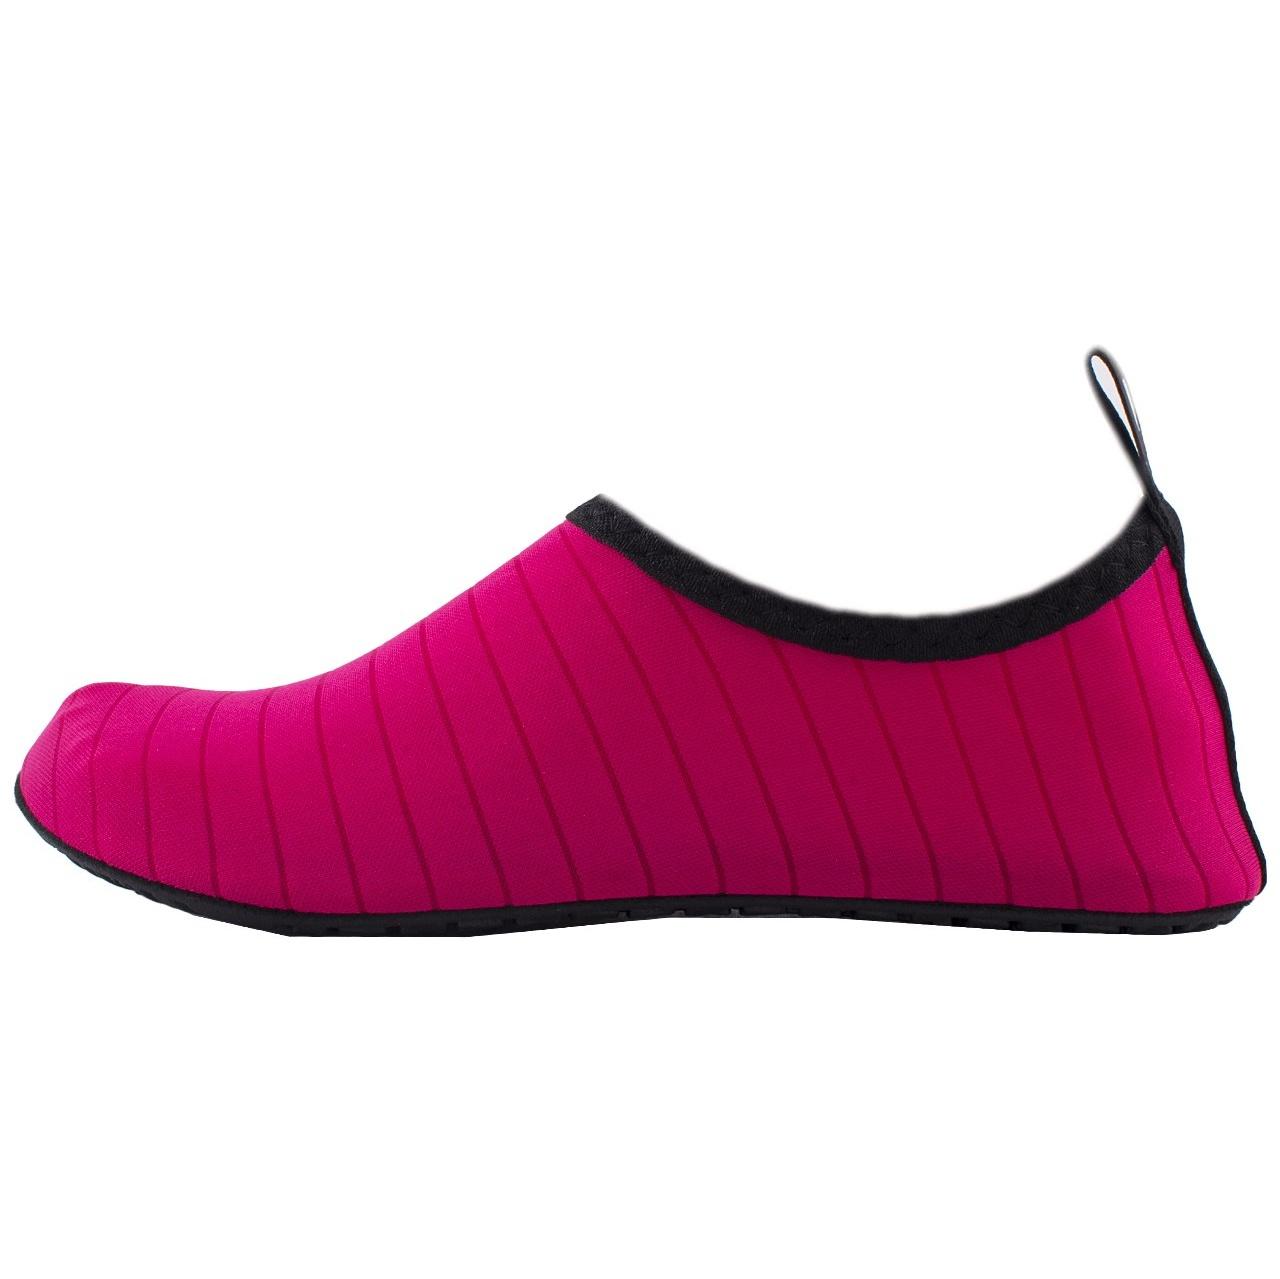 کفش ورزشی زنانه واته مدل MFD 09